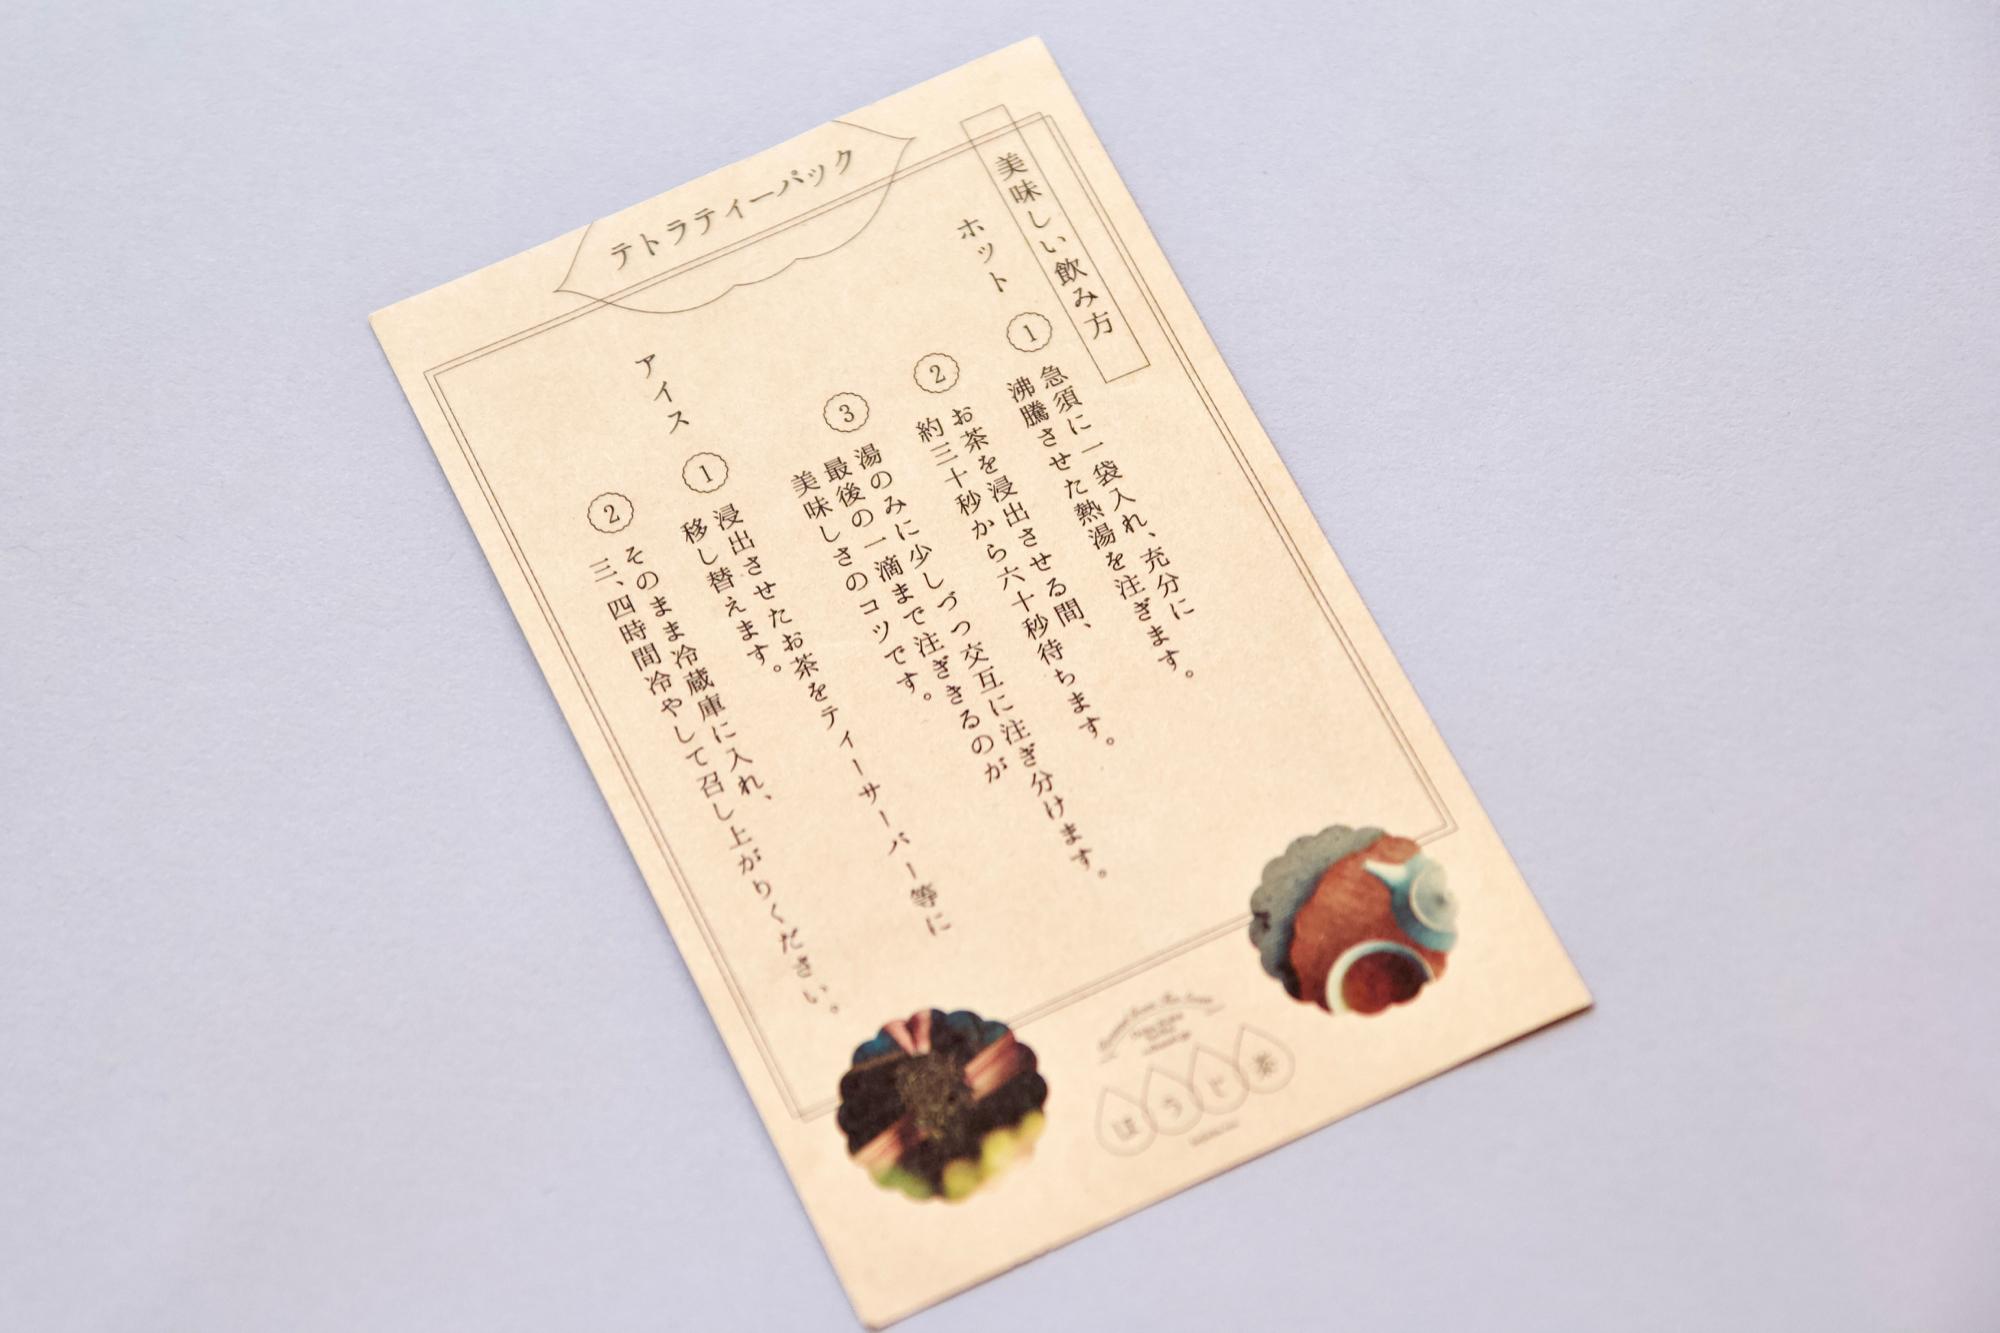 ほうじ茶スイーツ専門店 ツールデザイン |オープンDM & 商品リーフレット その他